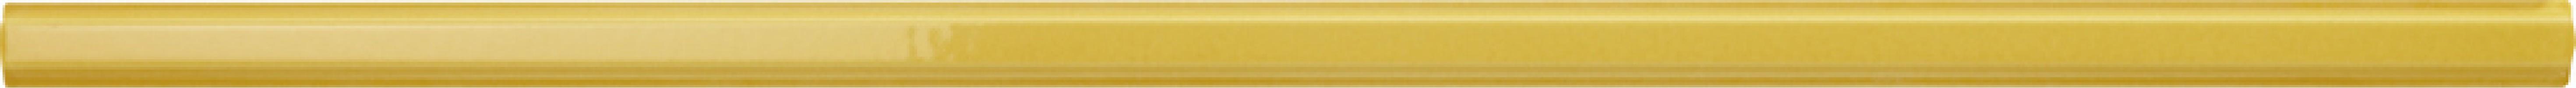 Бордюр Cristall Matita Giallo 2x60 Alta Ceramica